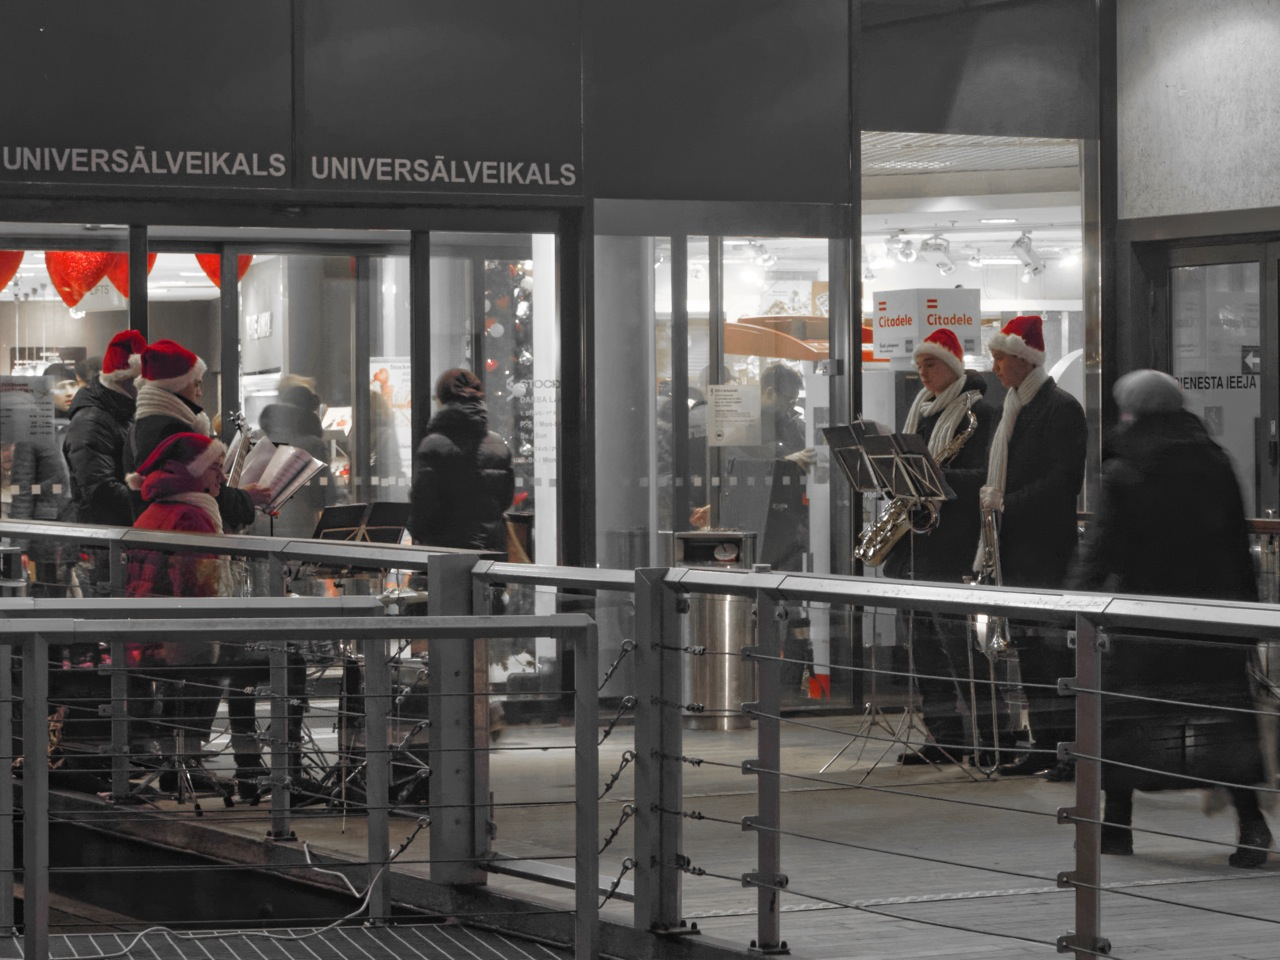 Bild: Diese Weihnachtsmusiker am Kaufhaus STOCKMANN in Riga verbreiten trotz des eher frühlingshaften Wetters ein wenig vorweihnachtliche Stimmung. OLYMPUS OM-D E-M5 mit M.Zuiko Digital 12-50 mm 1:3.5-6.3 EZ. ISO 4000 ¦ f/7,1 ¦ 50 mm ¦ 1/25 s ¦ kein Blitz. Klicken Sie auf das Bild um es zu vergrößern.